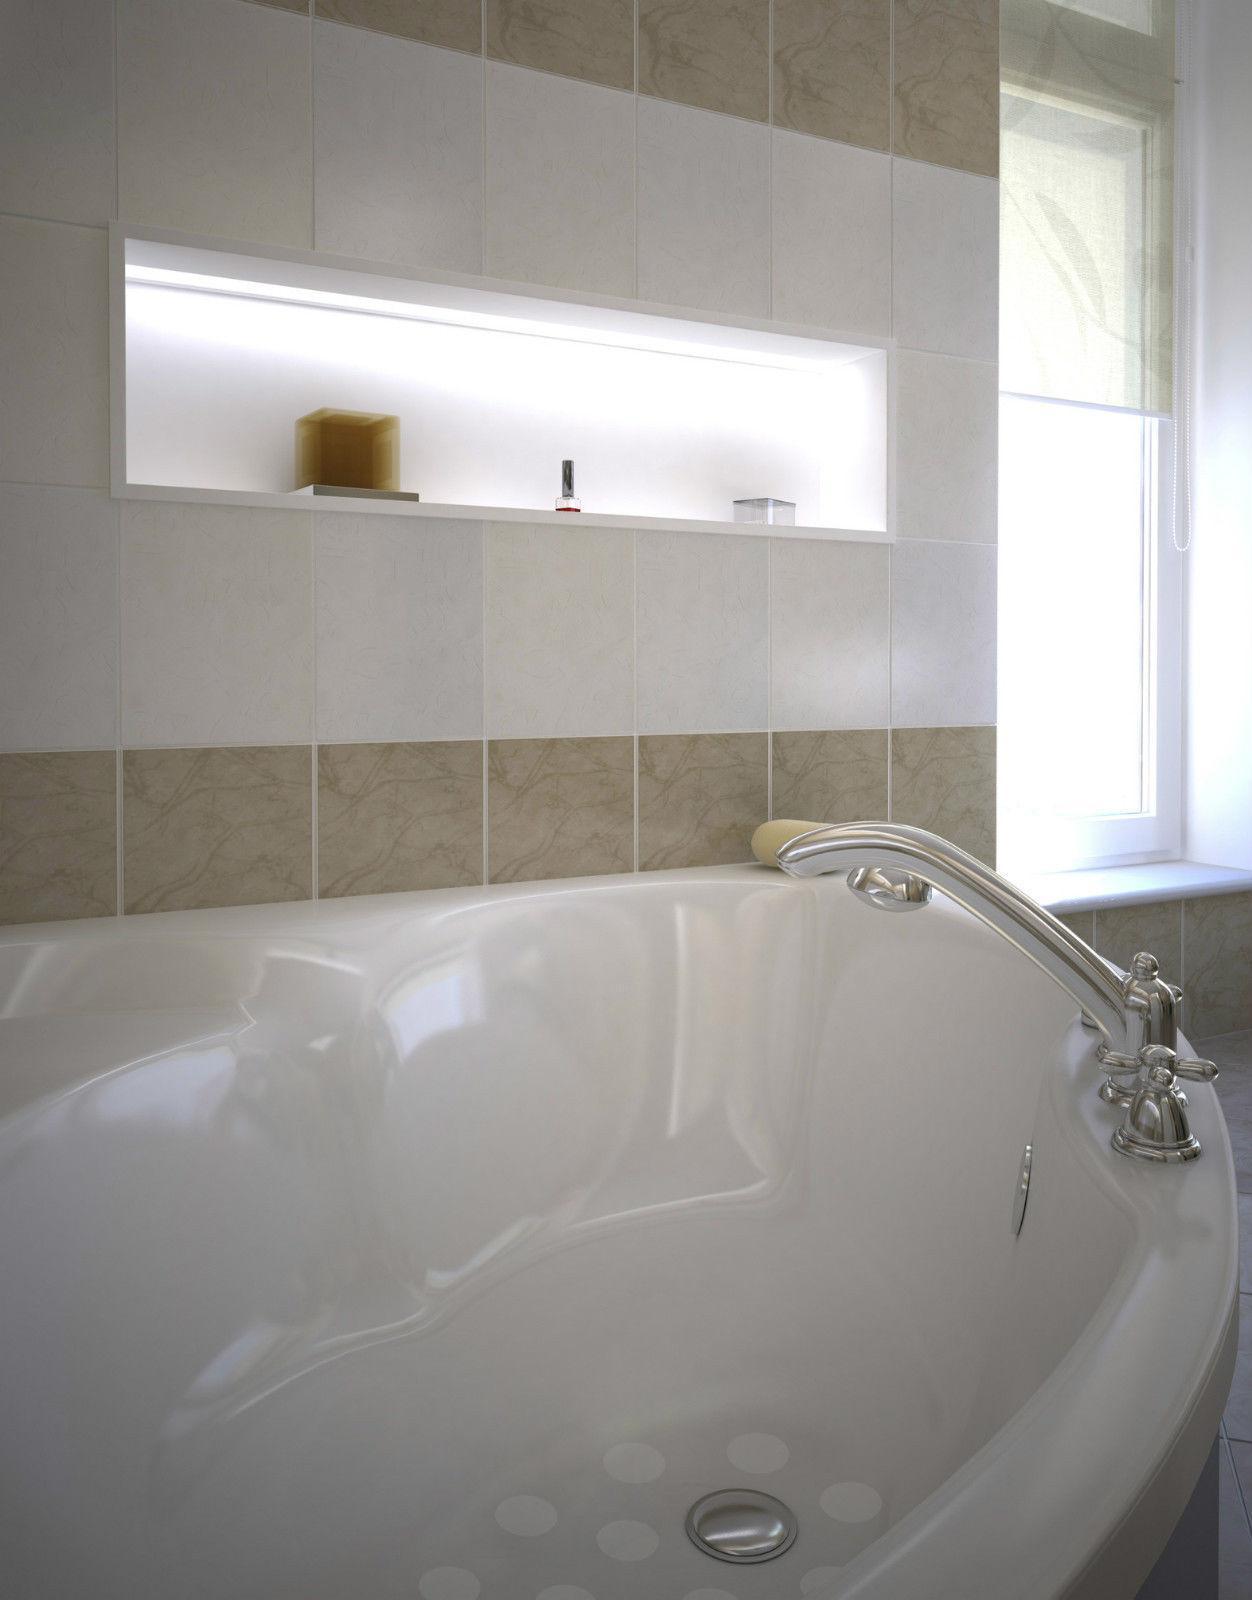 Anti Rutsch Fliesen Folie Küche Bad Treppe Antirutschmatte - Folie für fliesen im bad